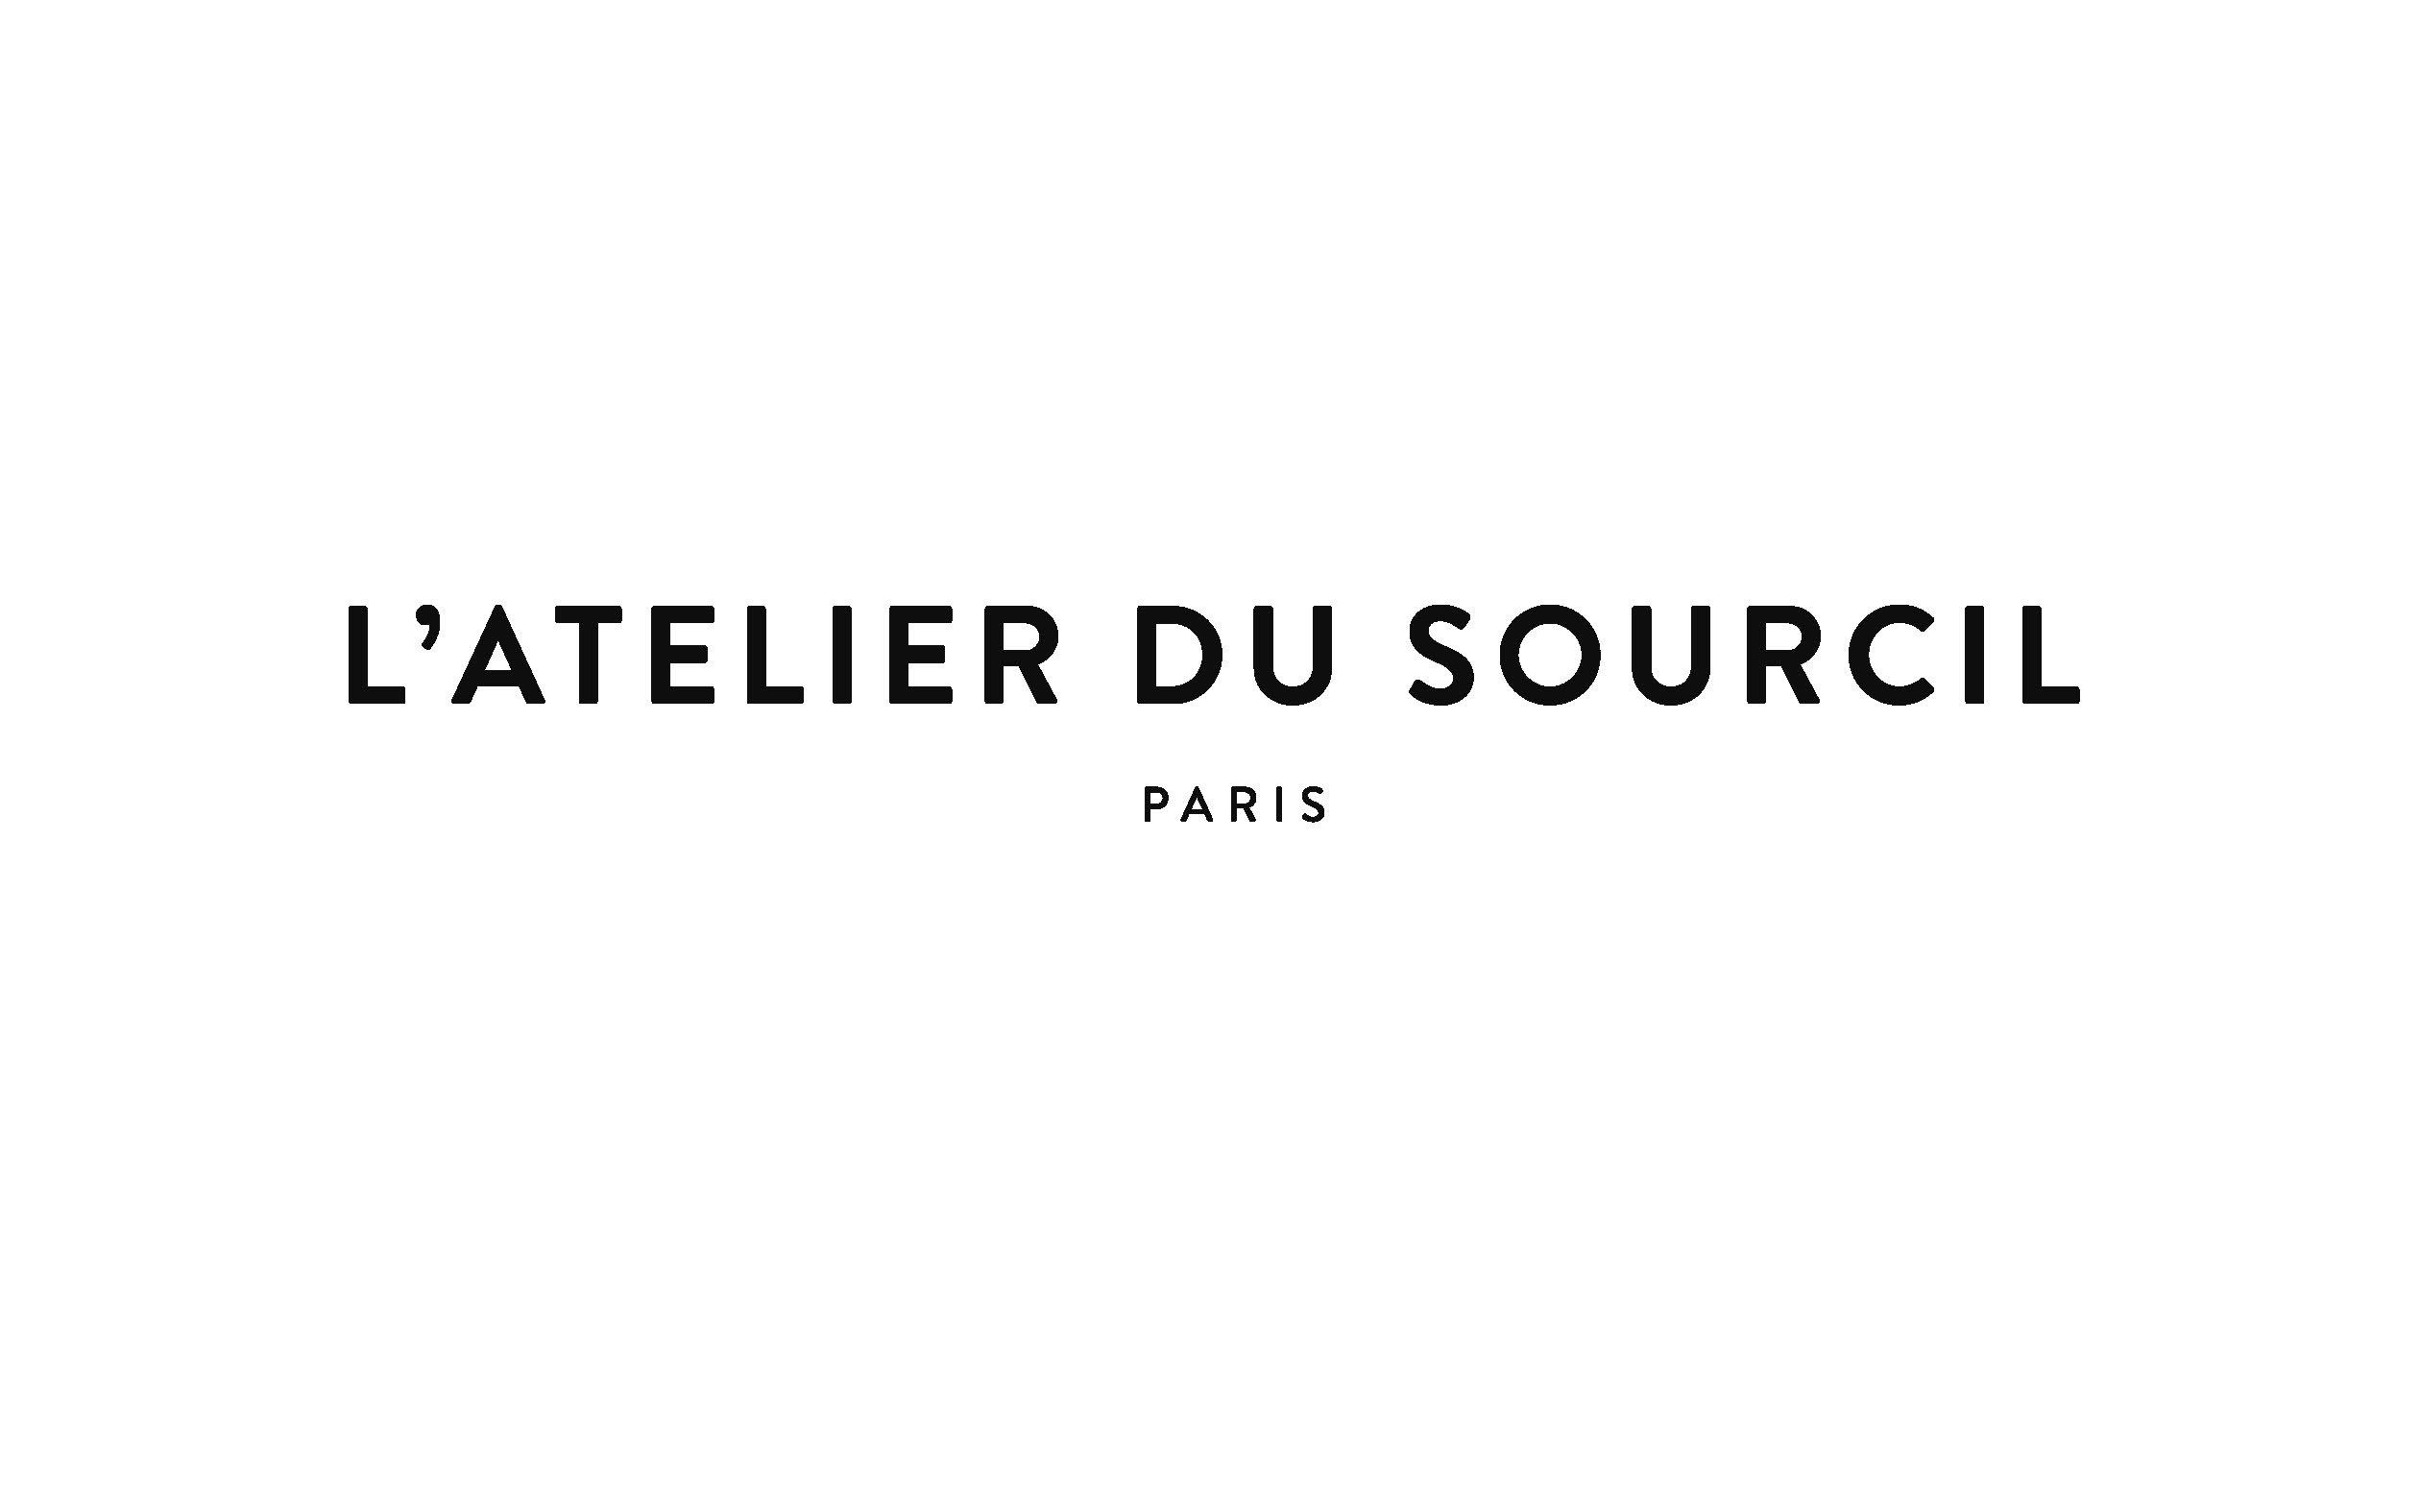 L'Atelier du Sourcil - Amiens institut de beauté